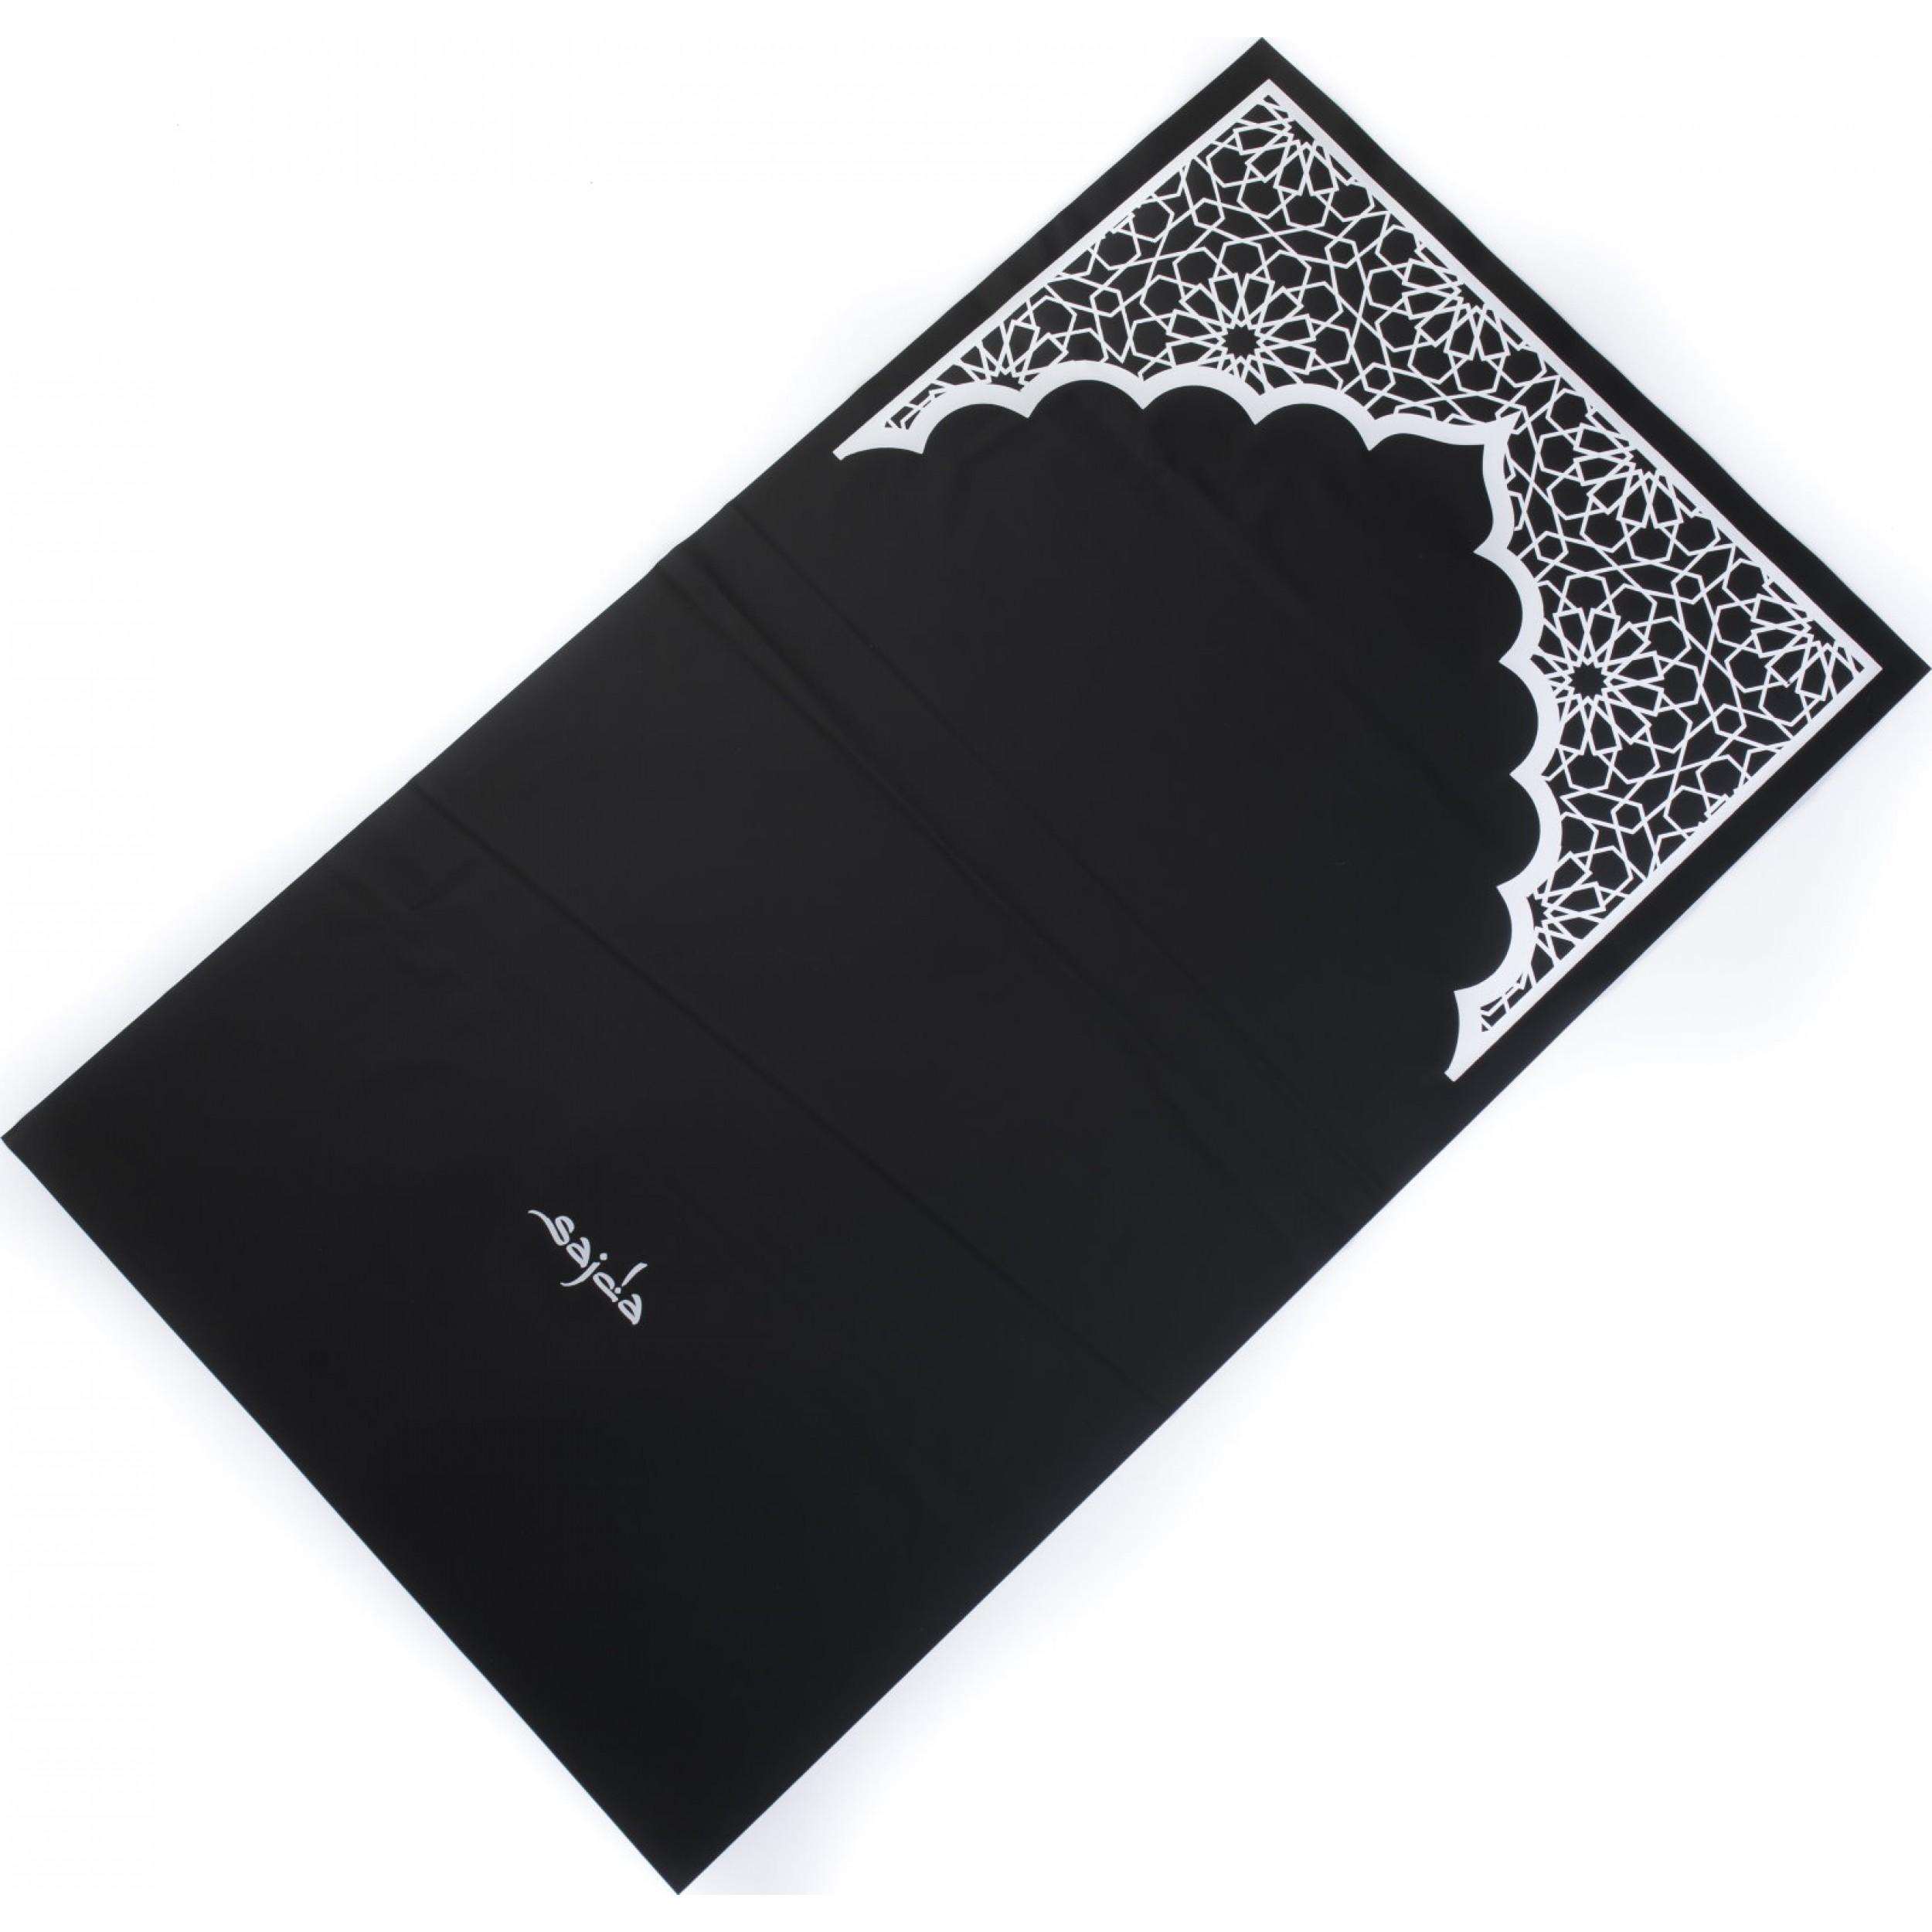 """Ультракомпактный карманный непромокаемый коврик для намаза """"Михраб"""" (размер 112x63)"""